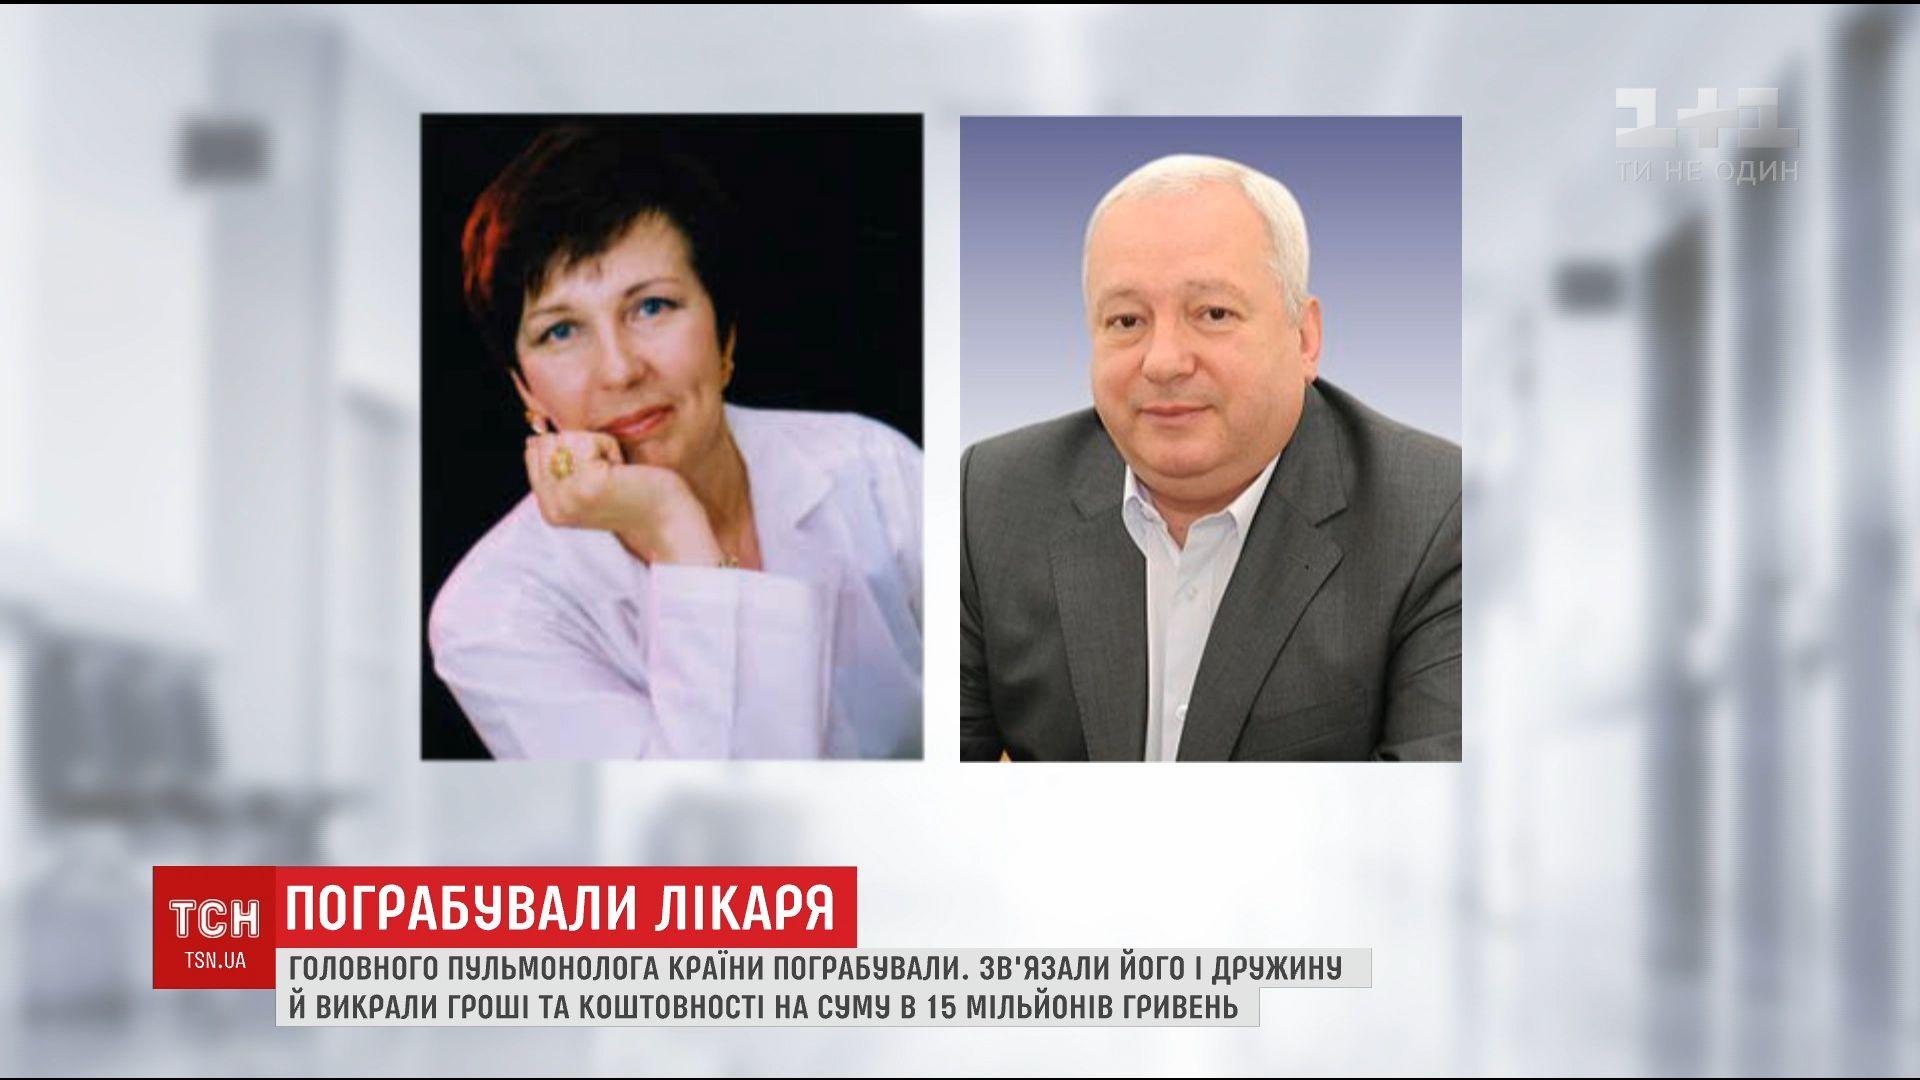 В Киеве ограбили главного пульмоногола страны / Кадр из видео ТСН